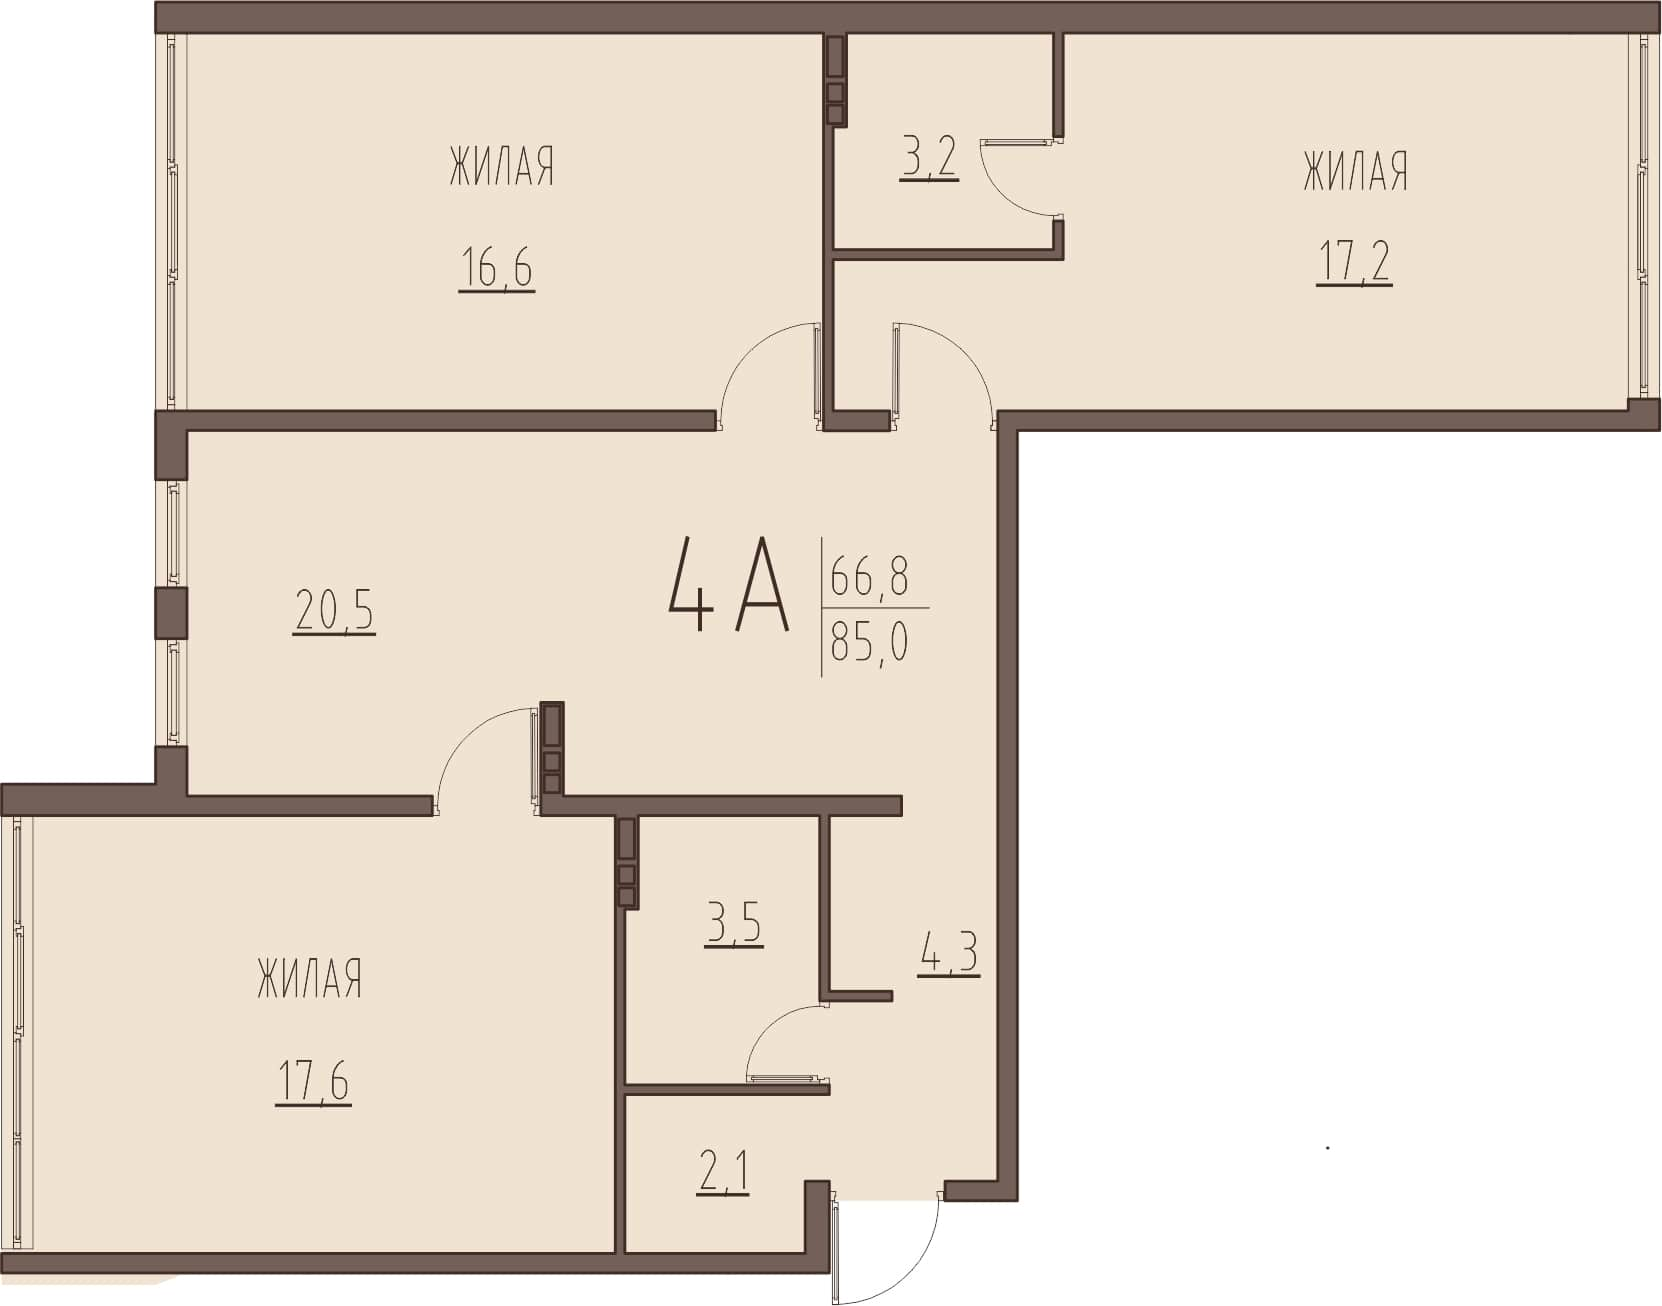 4-комнатная квартира 85 м² с просторными комнатами и кухней-гостиной